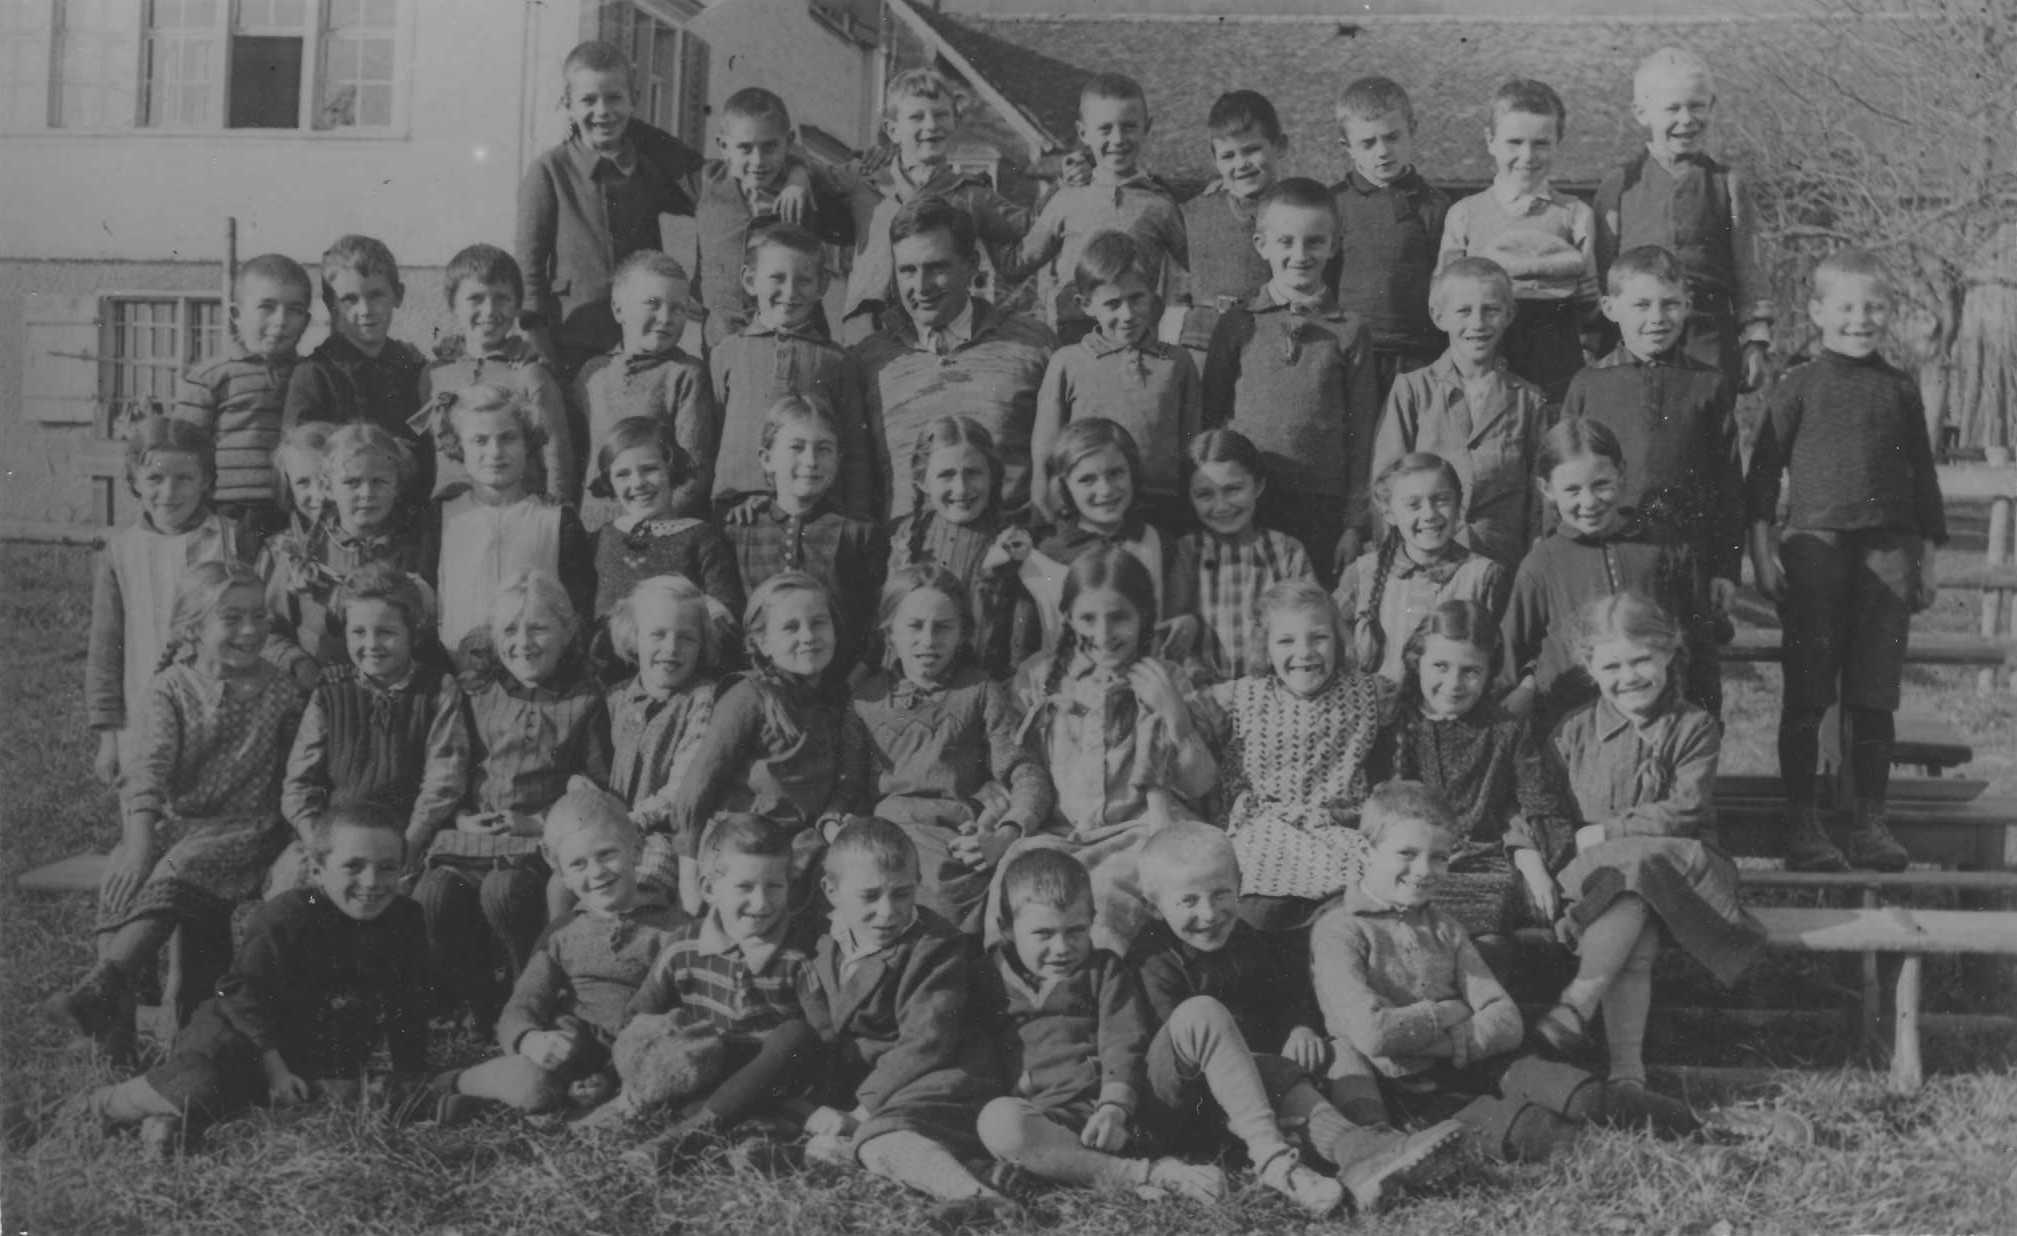 Klassenfoto mit Zöpfen